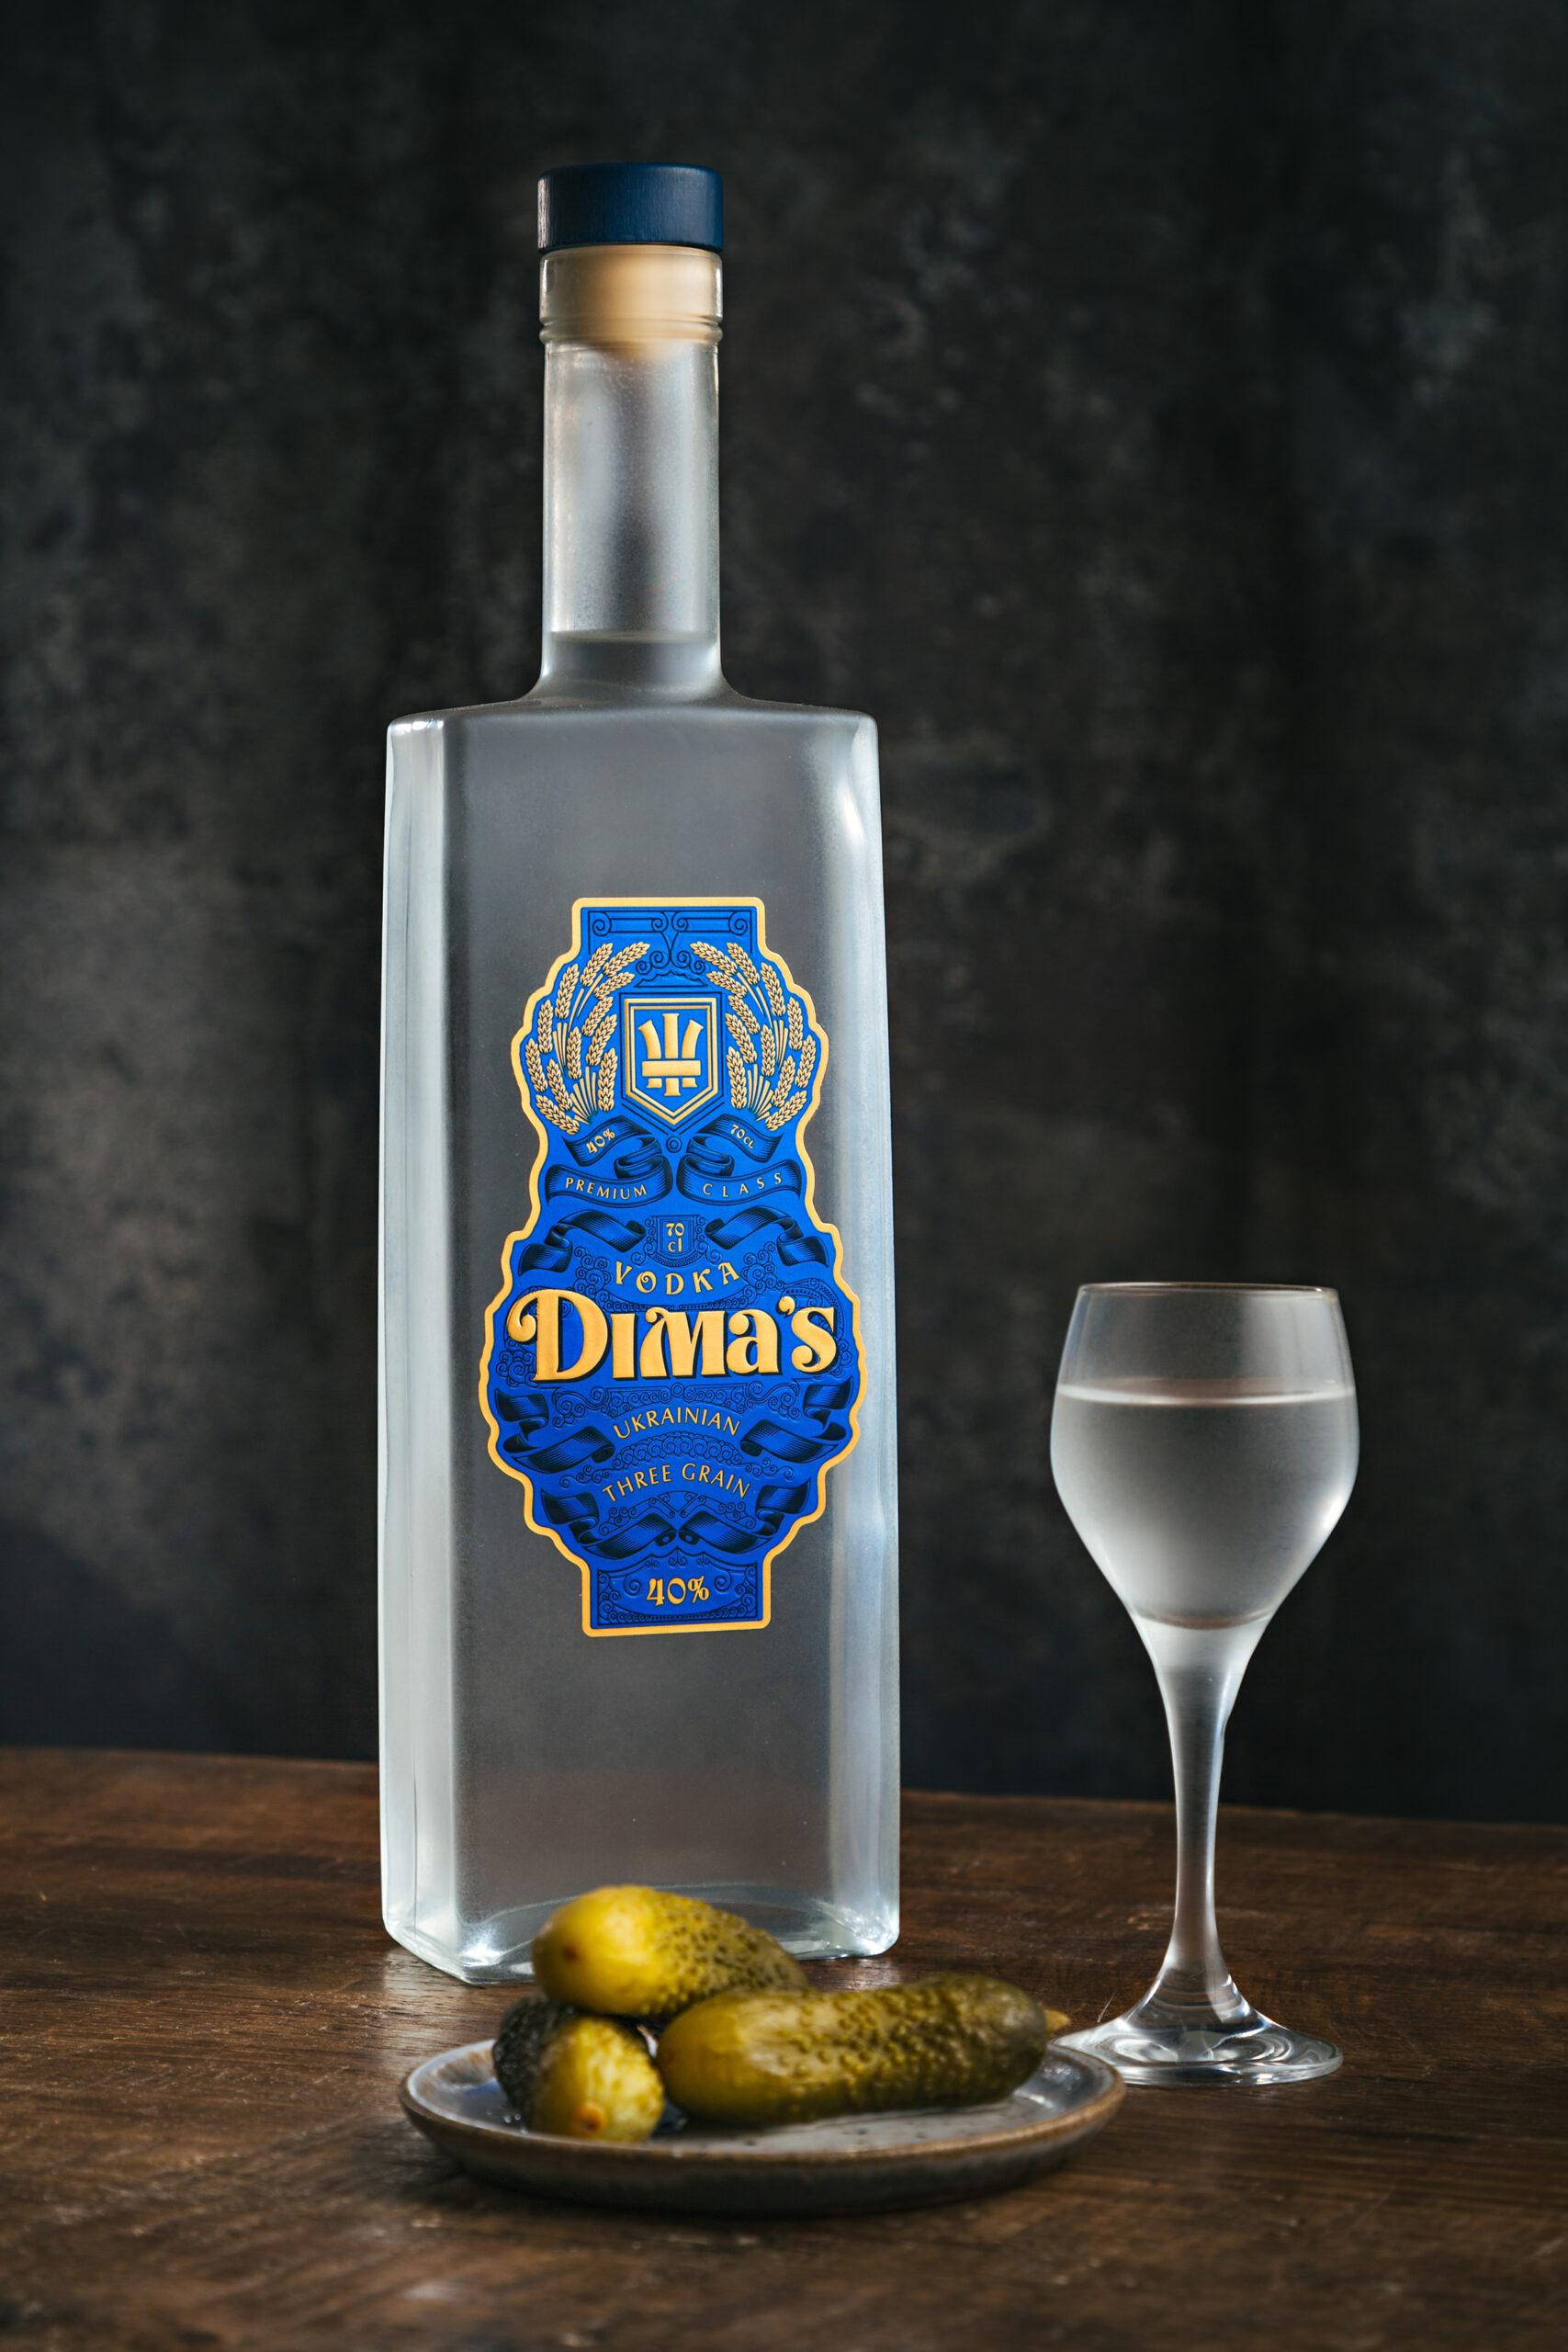 Dima's Vodka